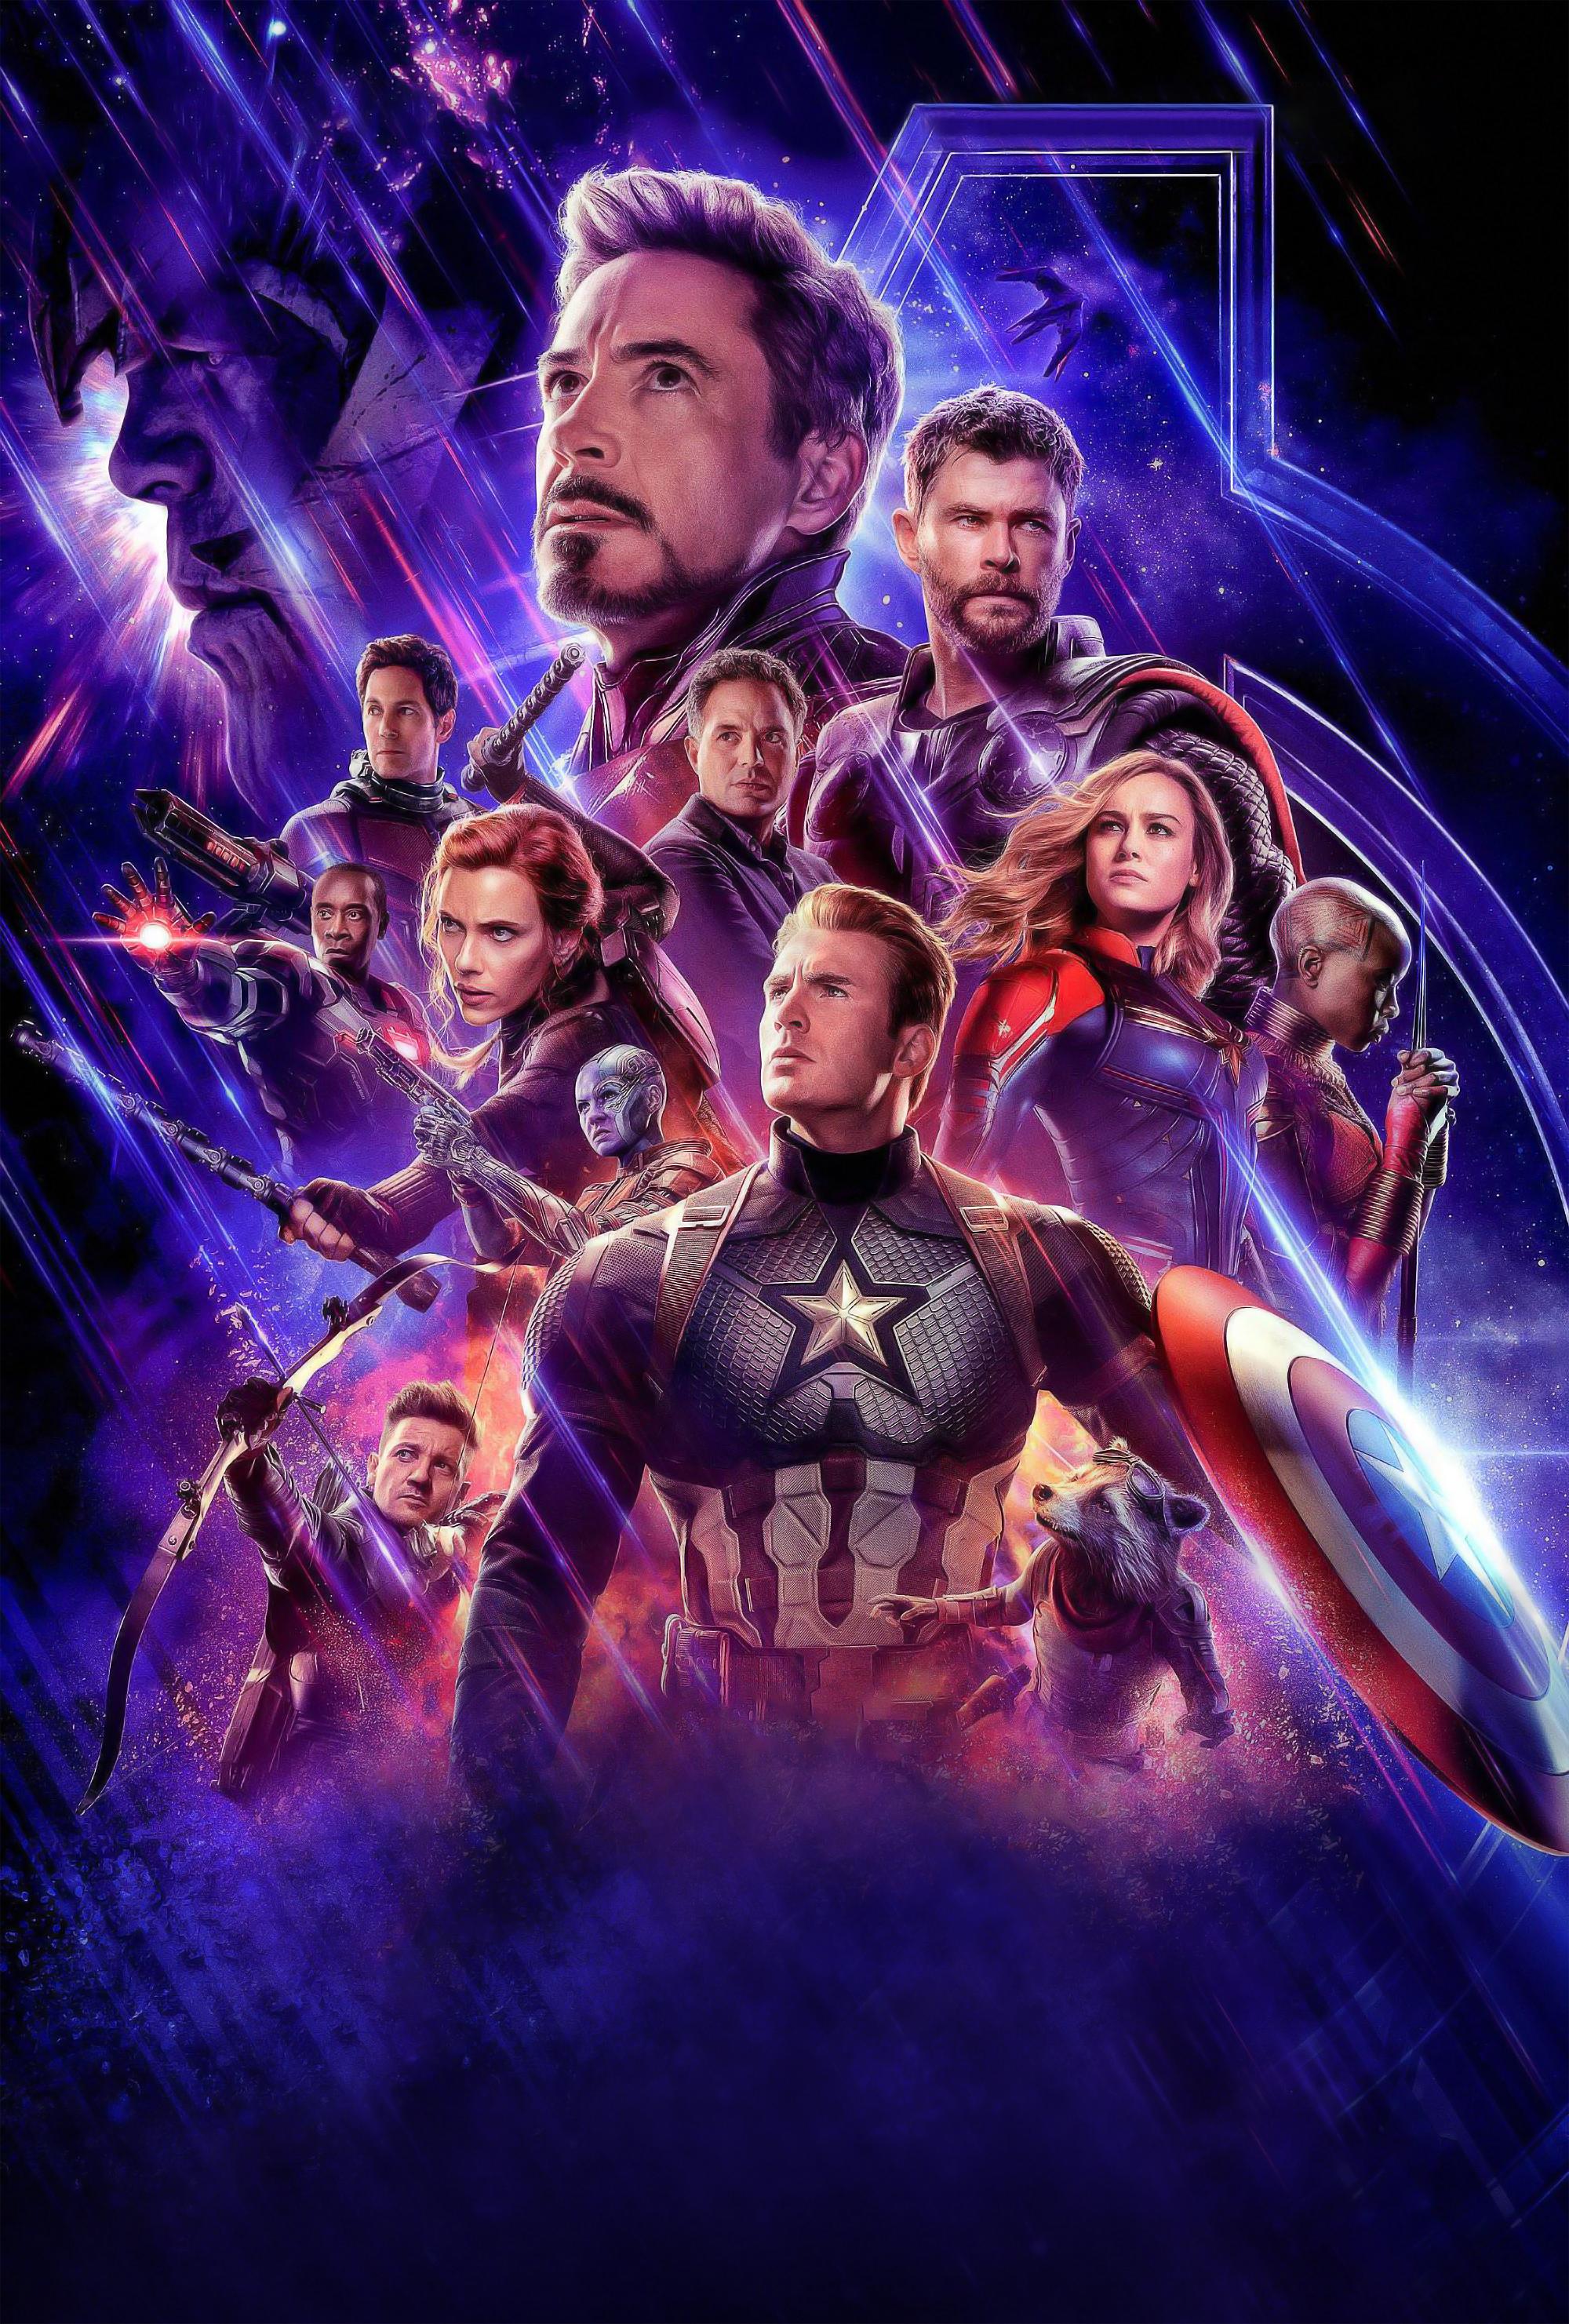 Avengers Endgame Poster Iphone Wallpaper